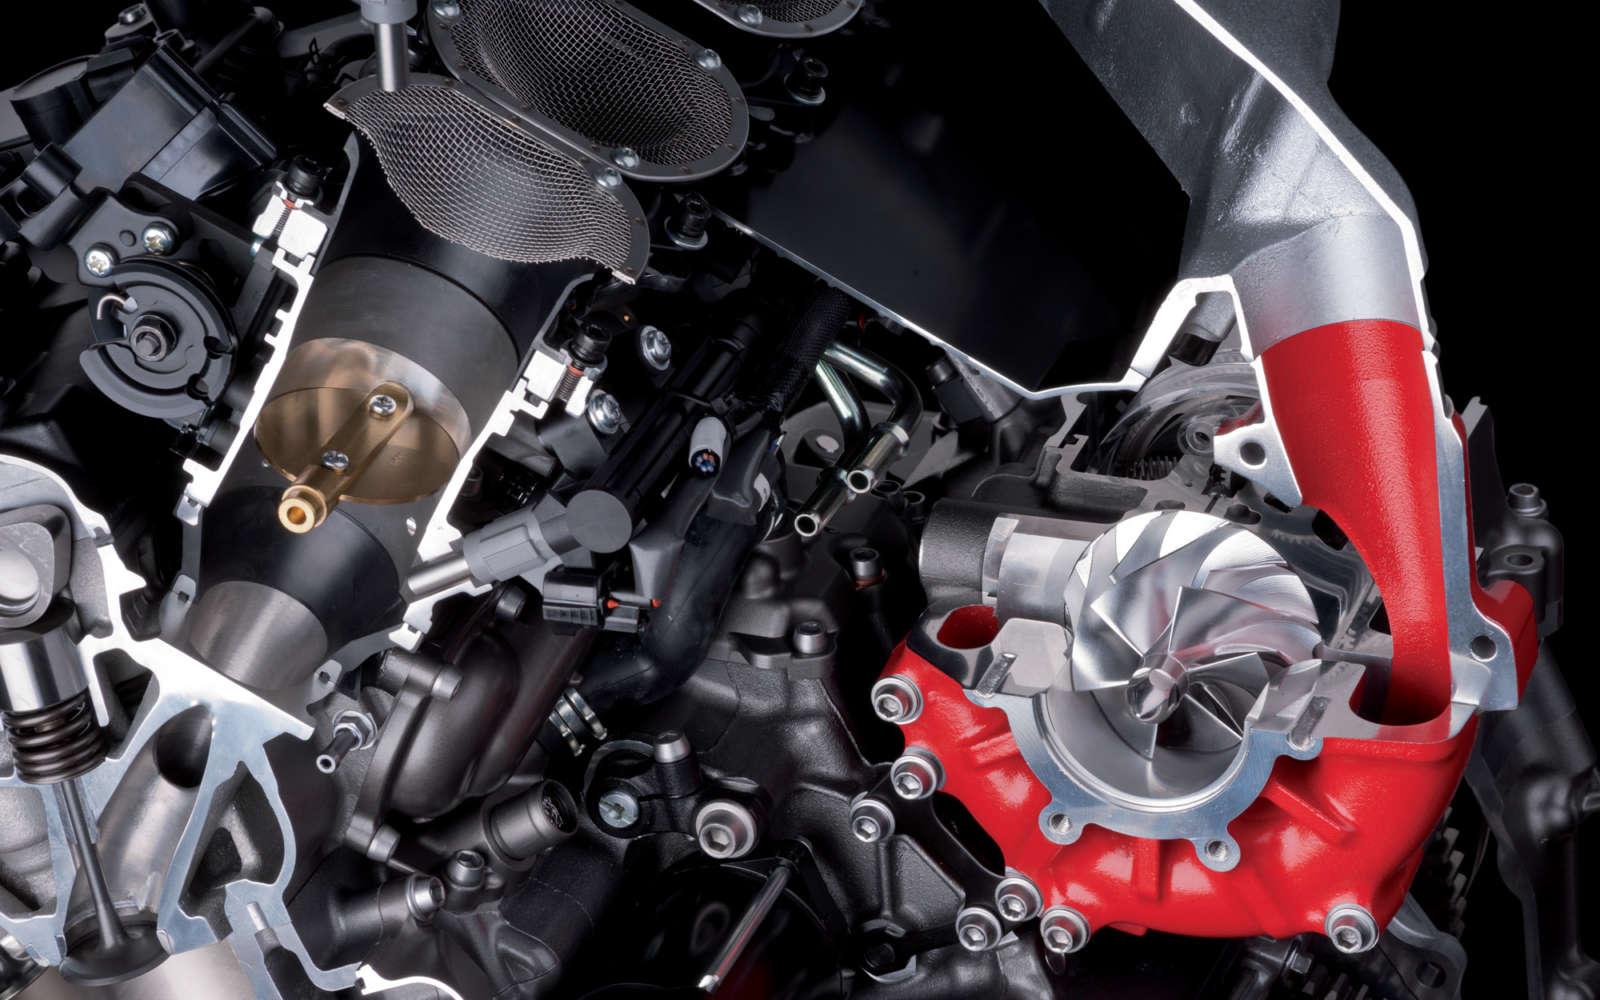 H2 R Super Charged Kawasaki Motorcycle